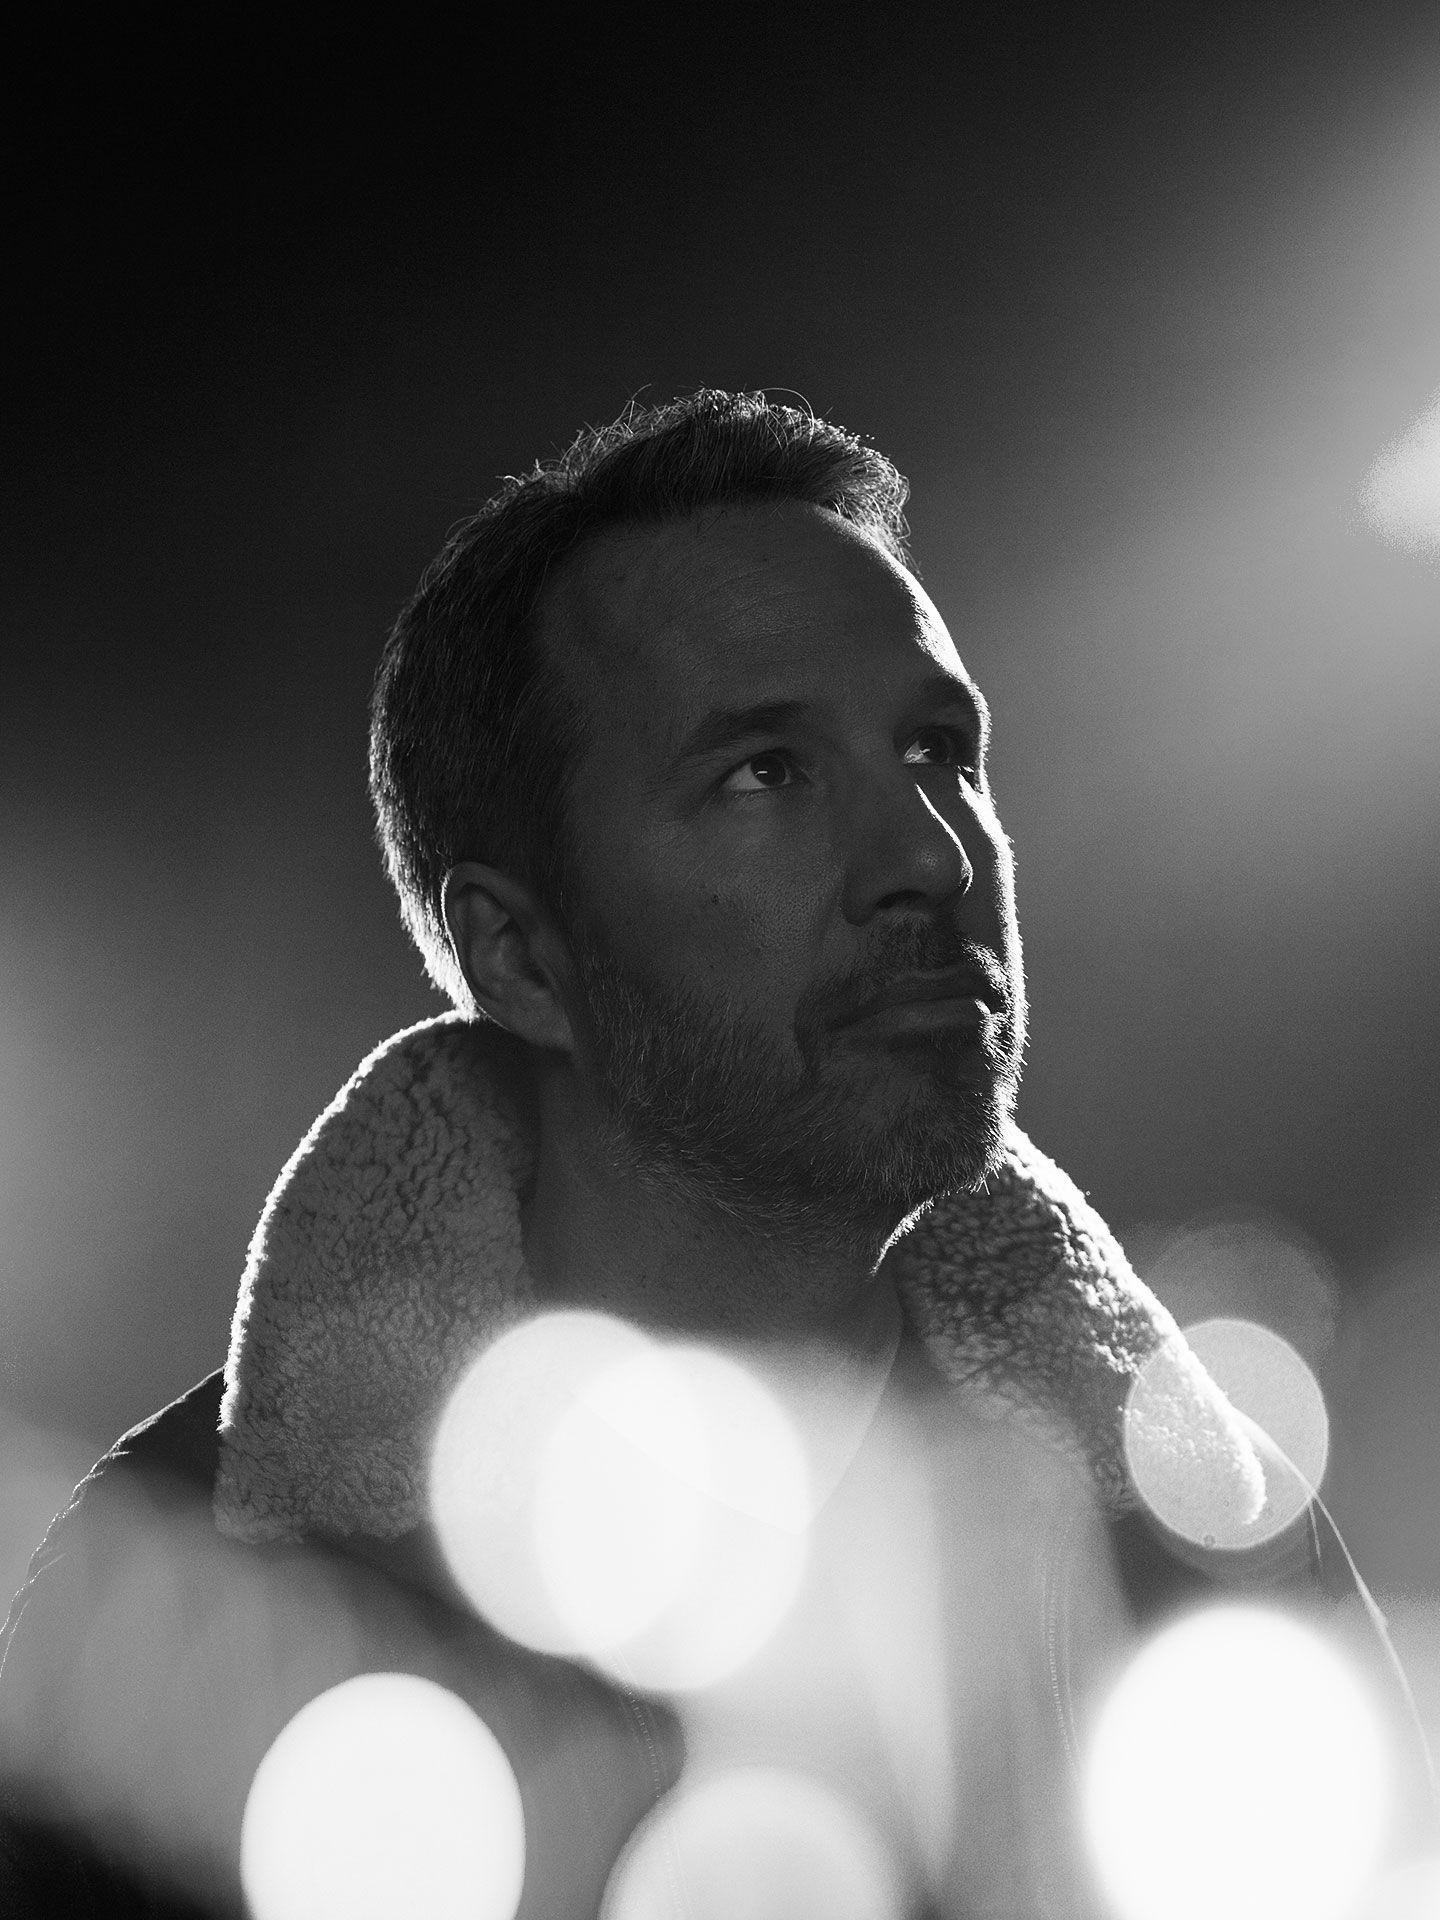 Black and white portrait of Denis Villeneuve with light spots.